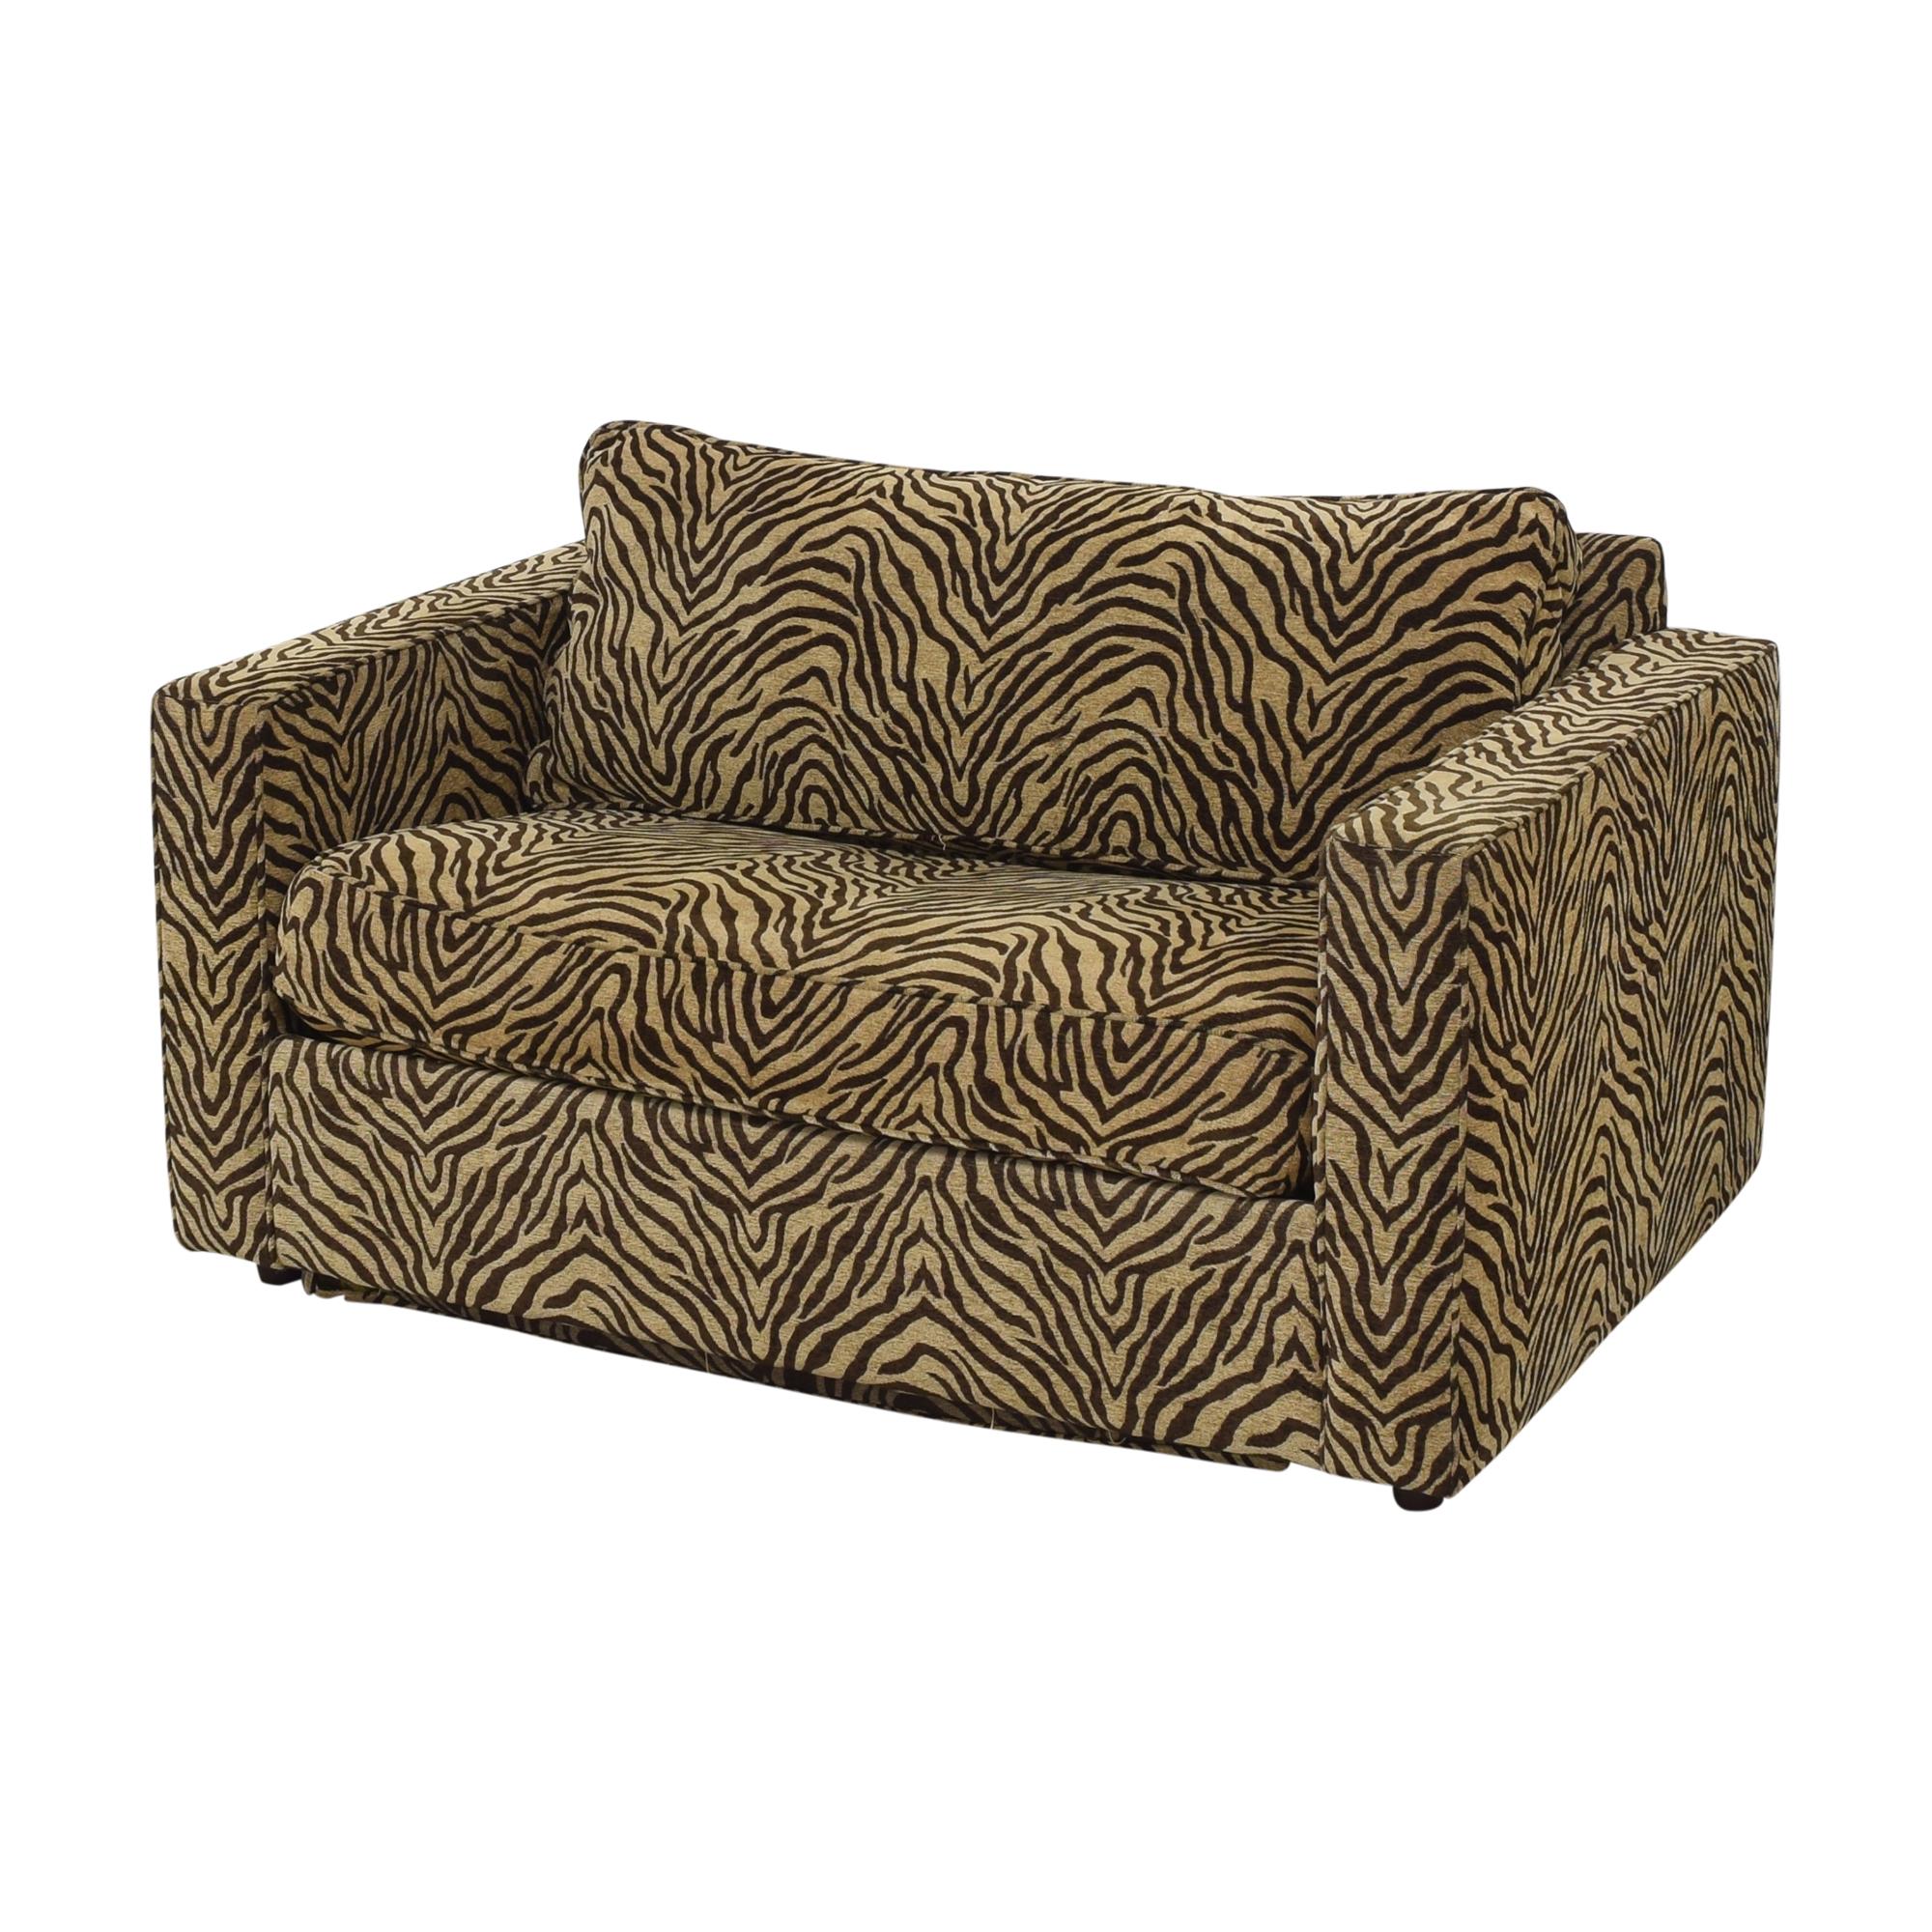 Arhaus Arhaus Twin Sleeper Chair on sale